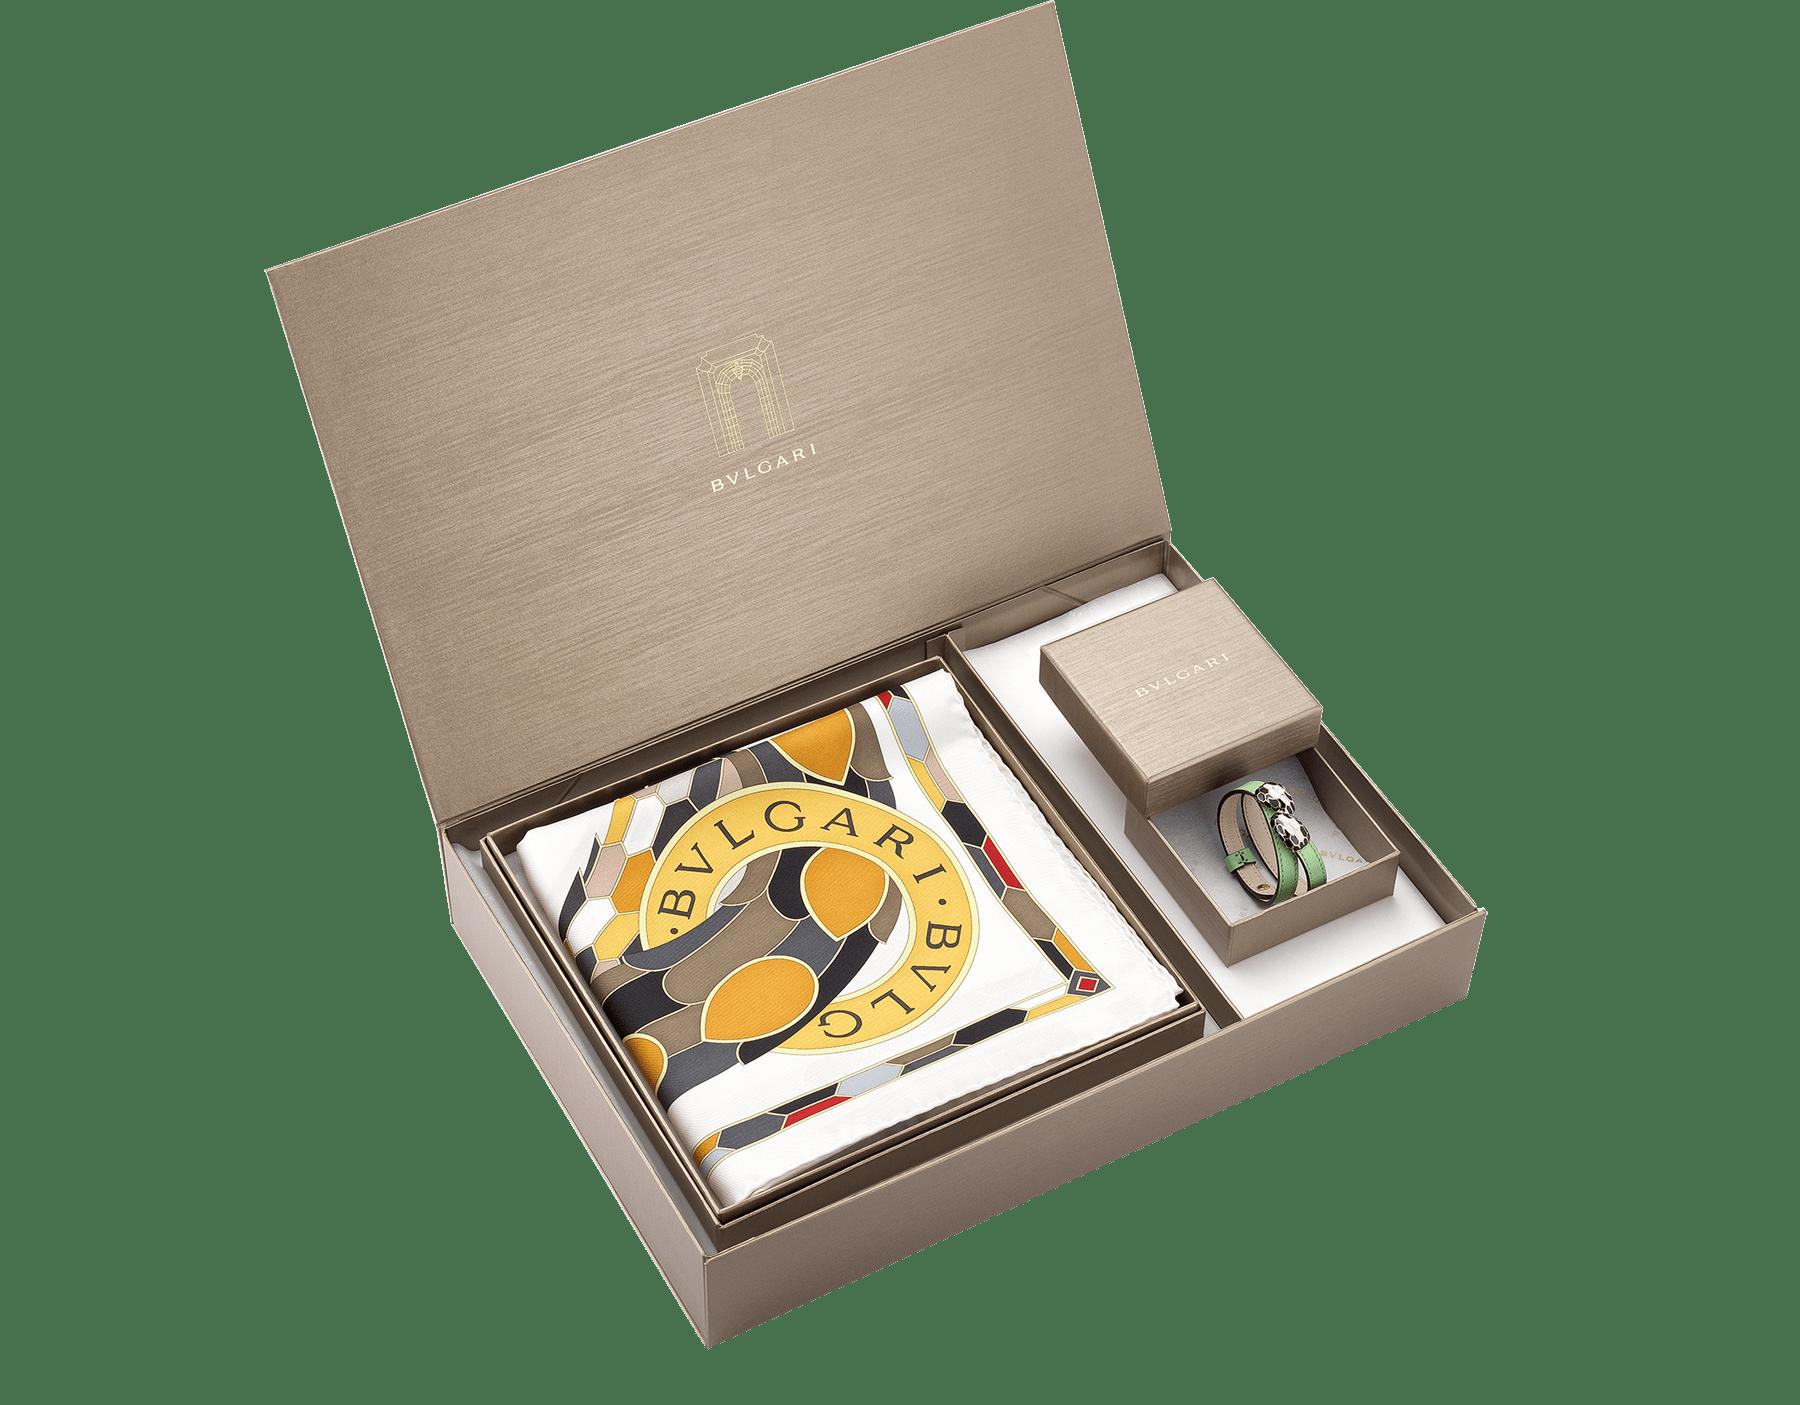 Элегантная коробка с изделиями Bvlgari в качестве особого подарка. Откройте в себе творческий потенциал, подобрав идеальное сочетание. women-gift-set-bracelet-and-scarf image 1